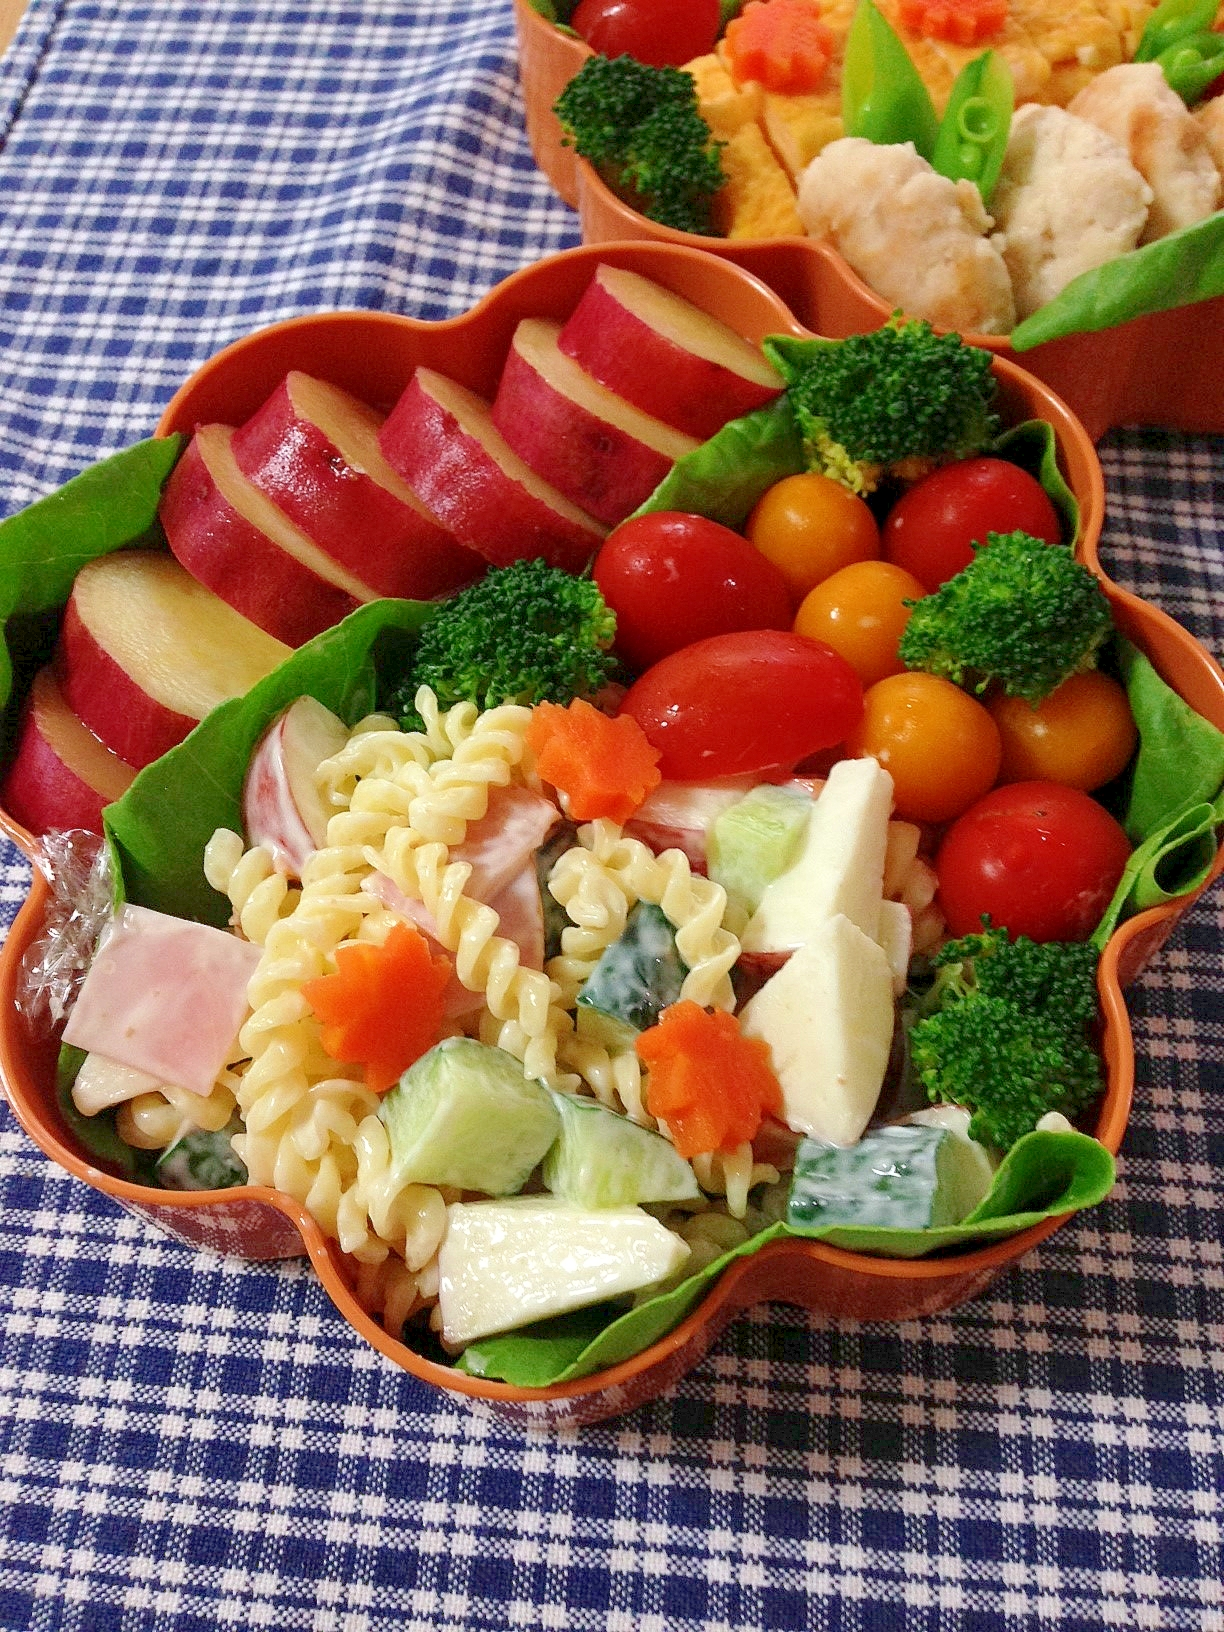 運動会のお弁当に☆簡単りんご入りマカロニサラダ♪